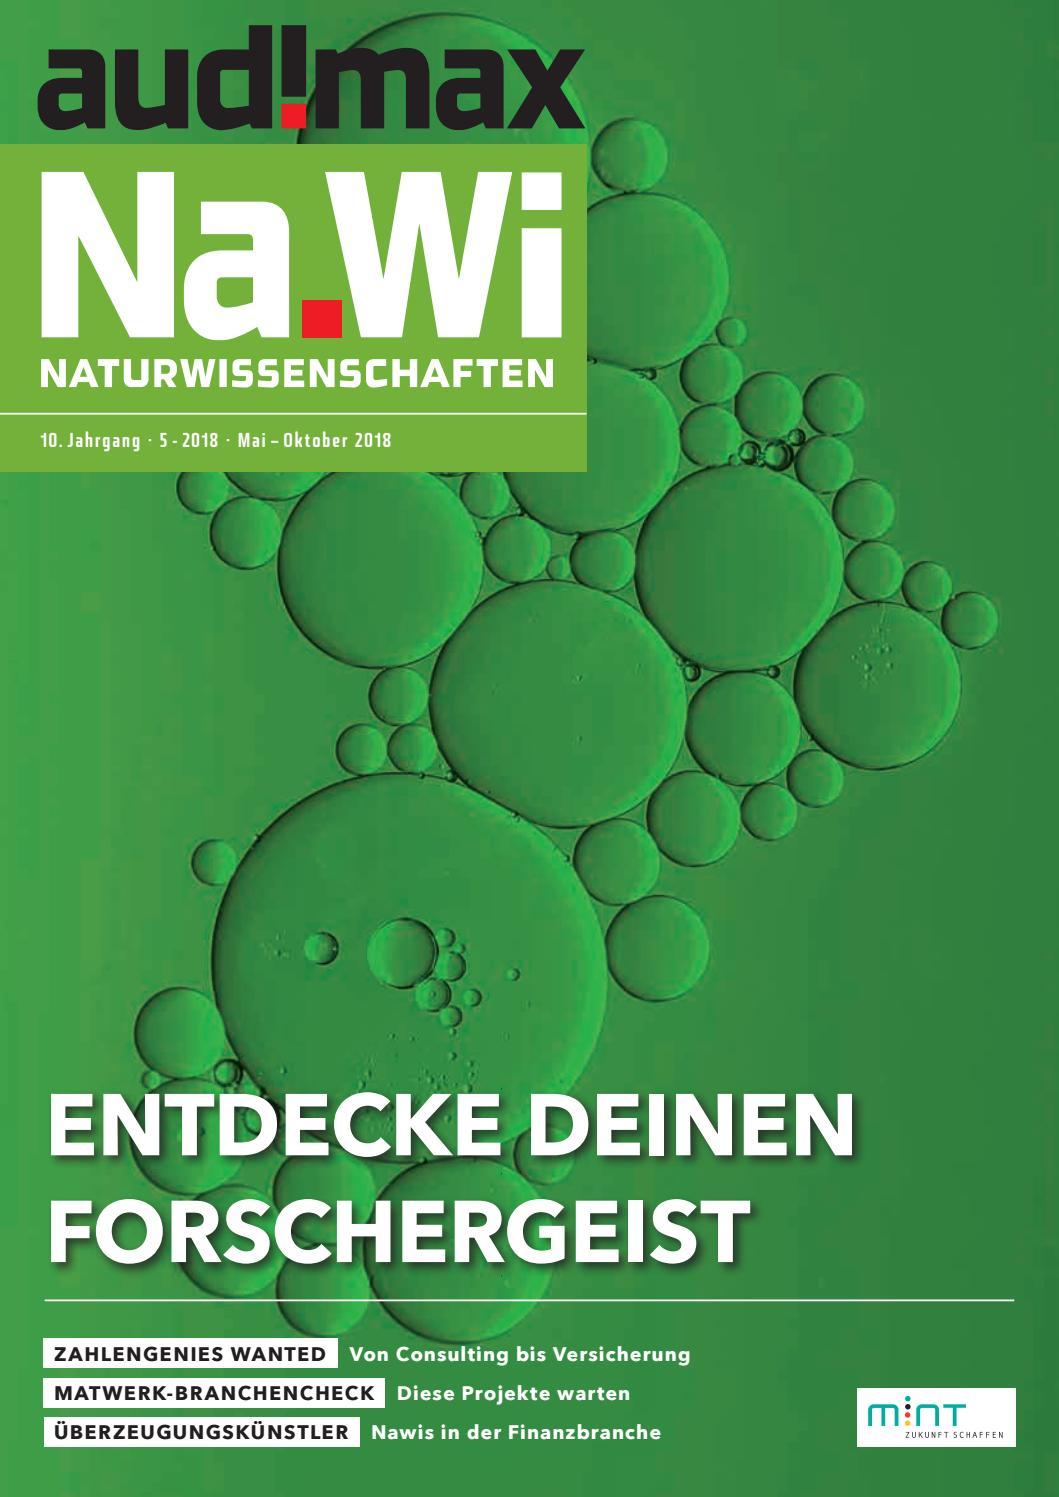 audimax NaWi 5/2018 - Karrieremagazin für Naturwissenschaftler by audimax  MEDIEN - issuu